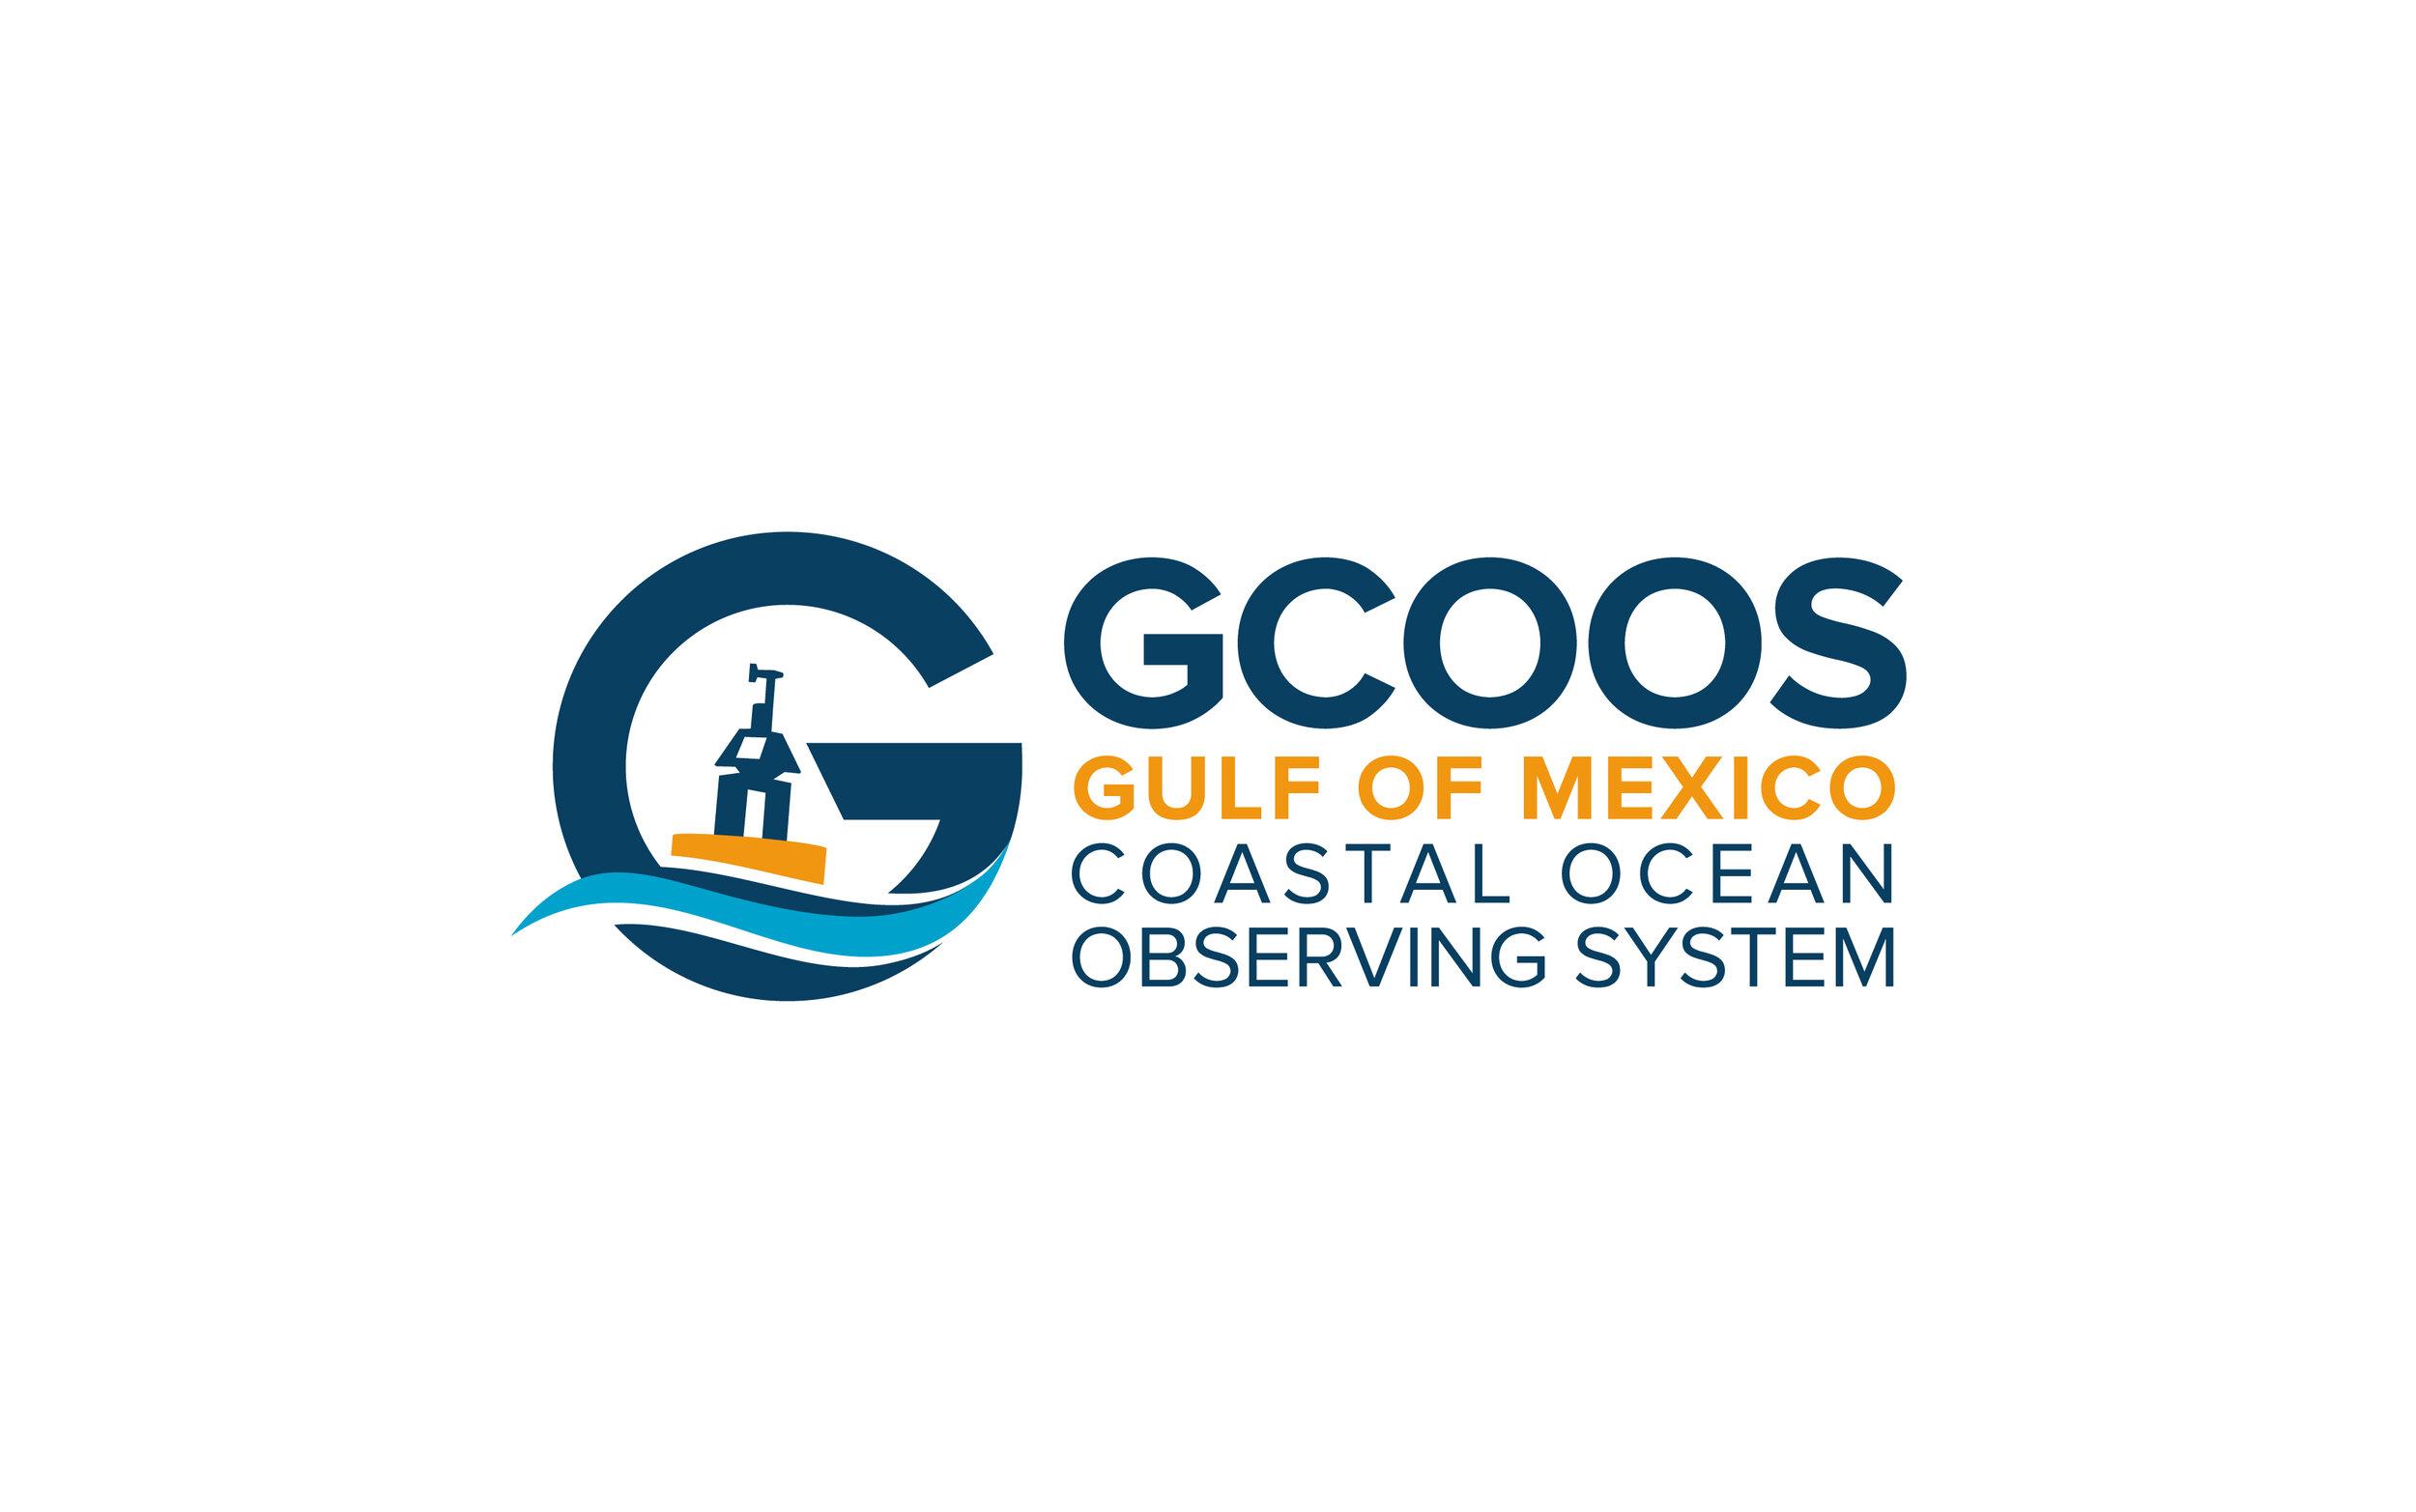 GCOOS_logo_New_April2018.jpg